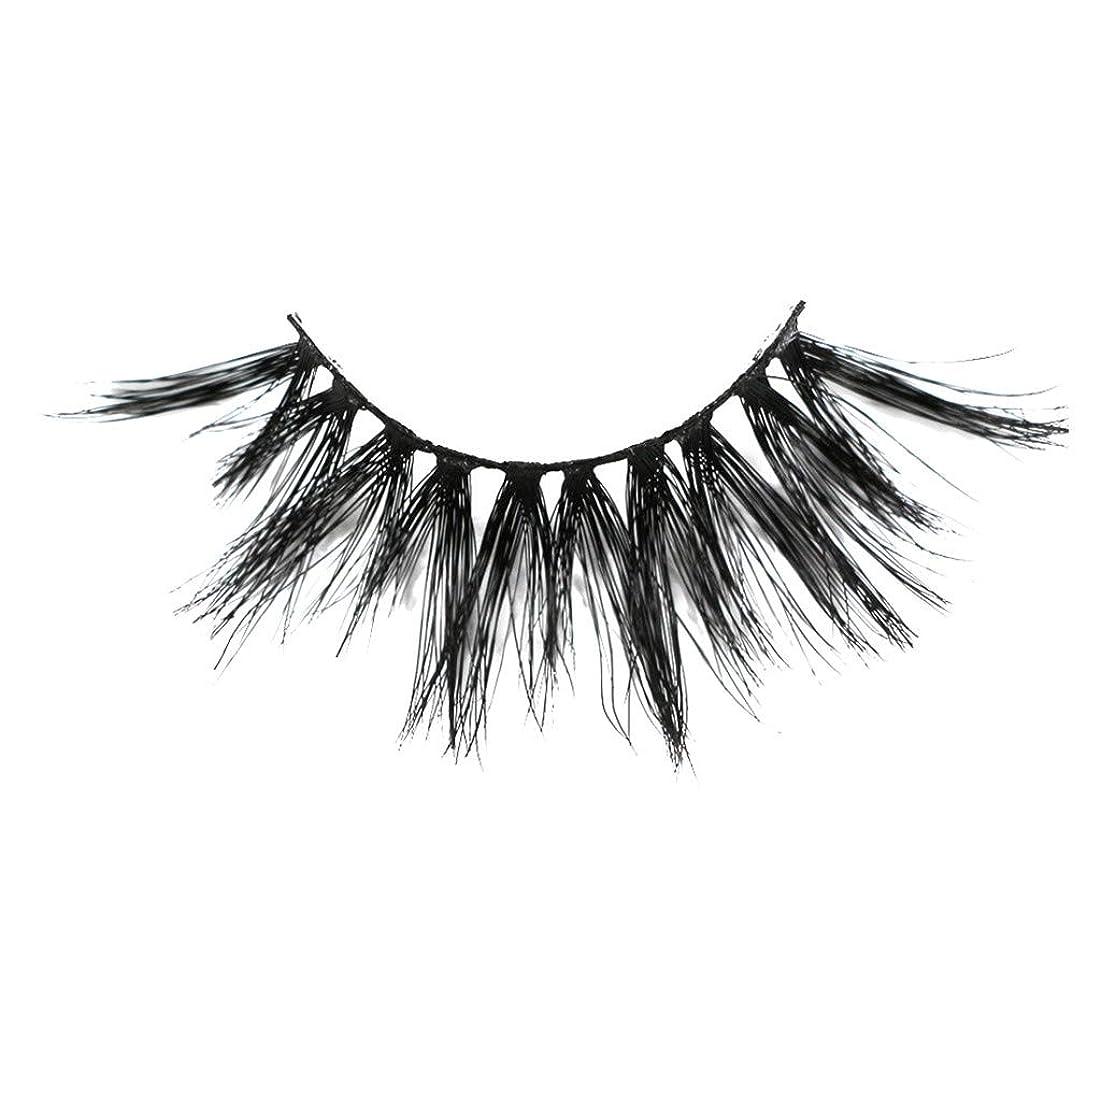 ウミウシ露出度の高い雲つけまつげ 人気 つけまつげ ナチュラル LLuche 3Dミンクつけまつ毛ア グラマラスボリュームアイラッシュ ふんわりロングまつ毛 ふんわりロングまつ毛 一対の25mmミンクまつげつけまつげ25mmの3Dミンクの長いまつげが付いている劇的な構造(黒,つけまつげ 装着簡単 綺麗 極薄)